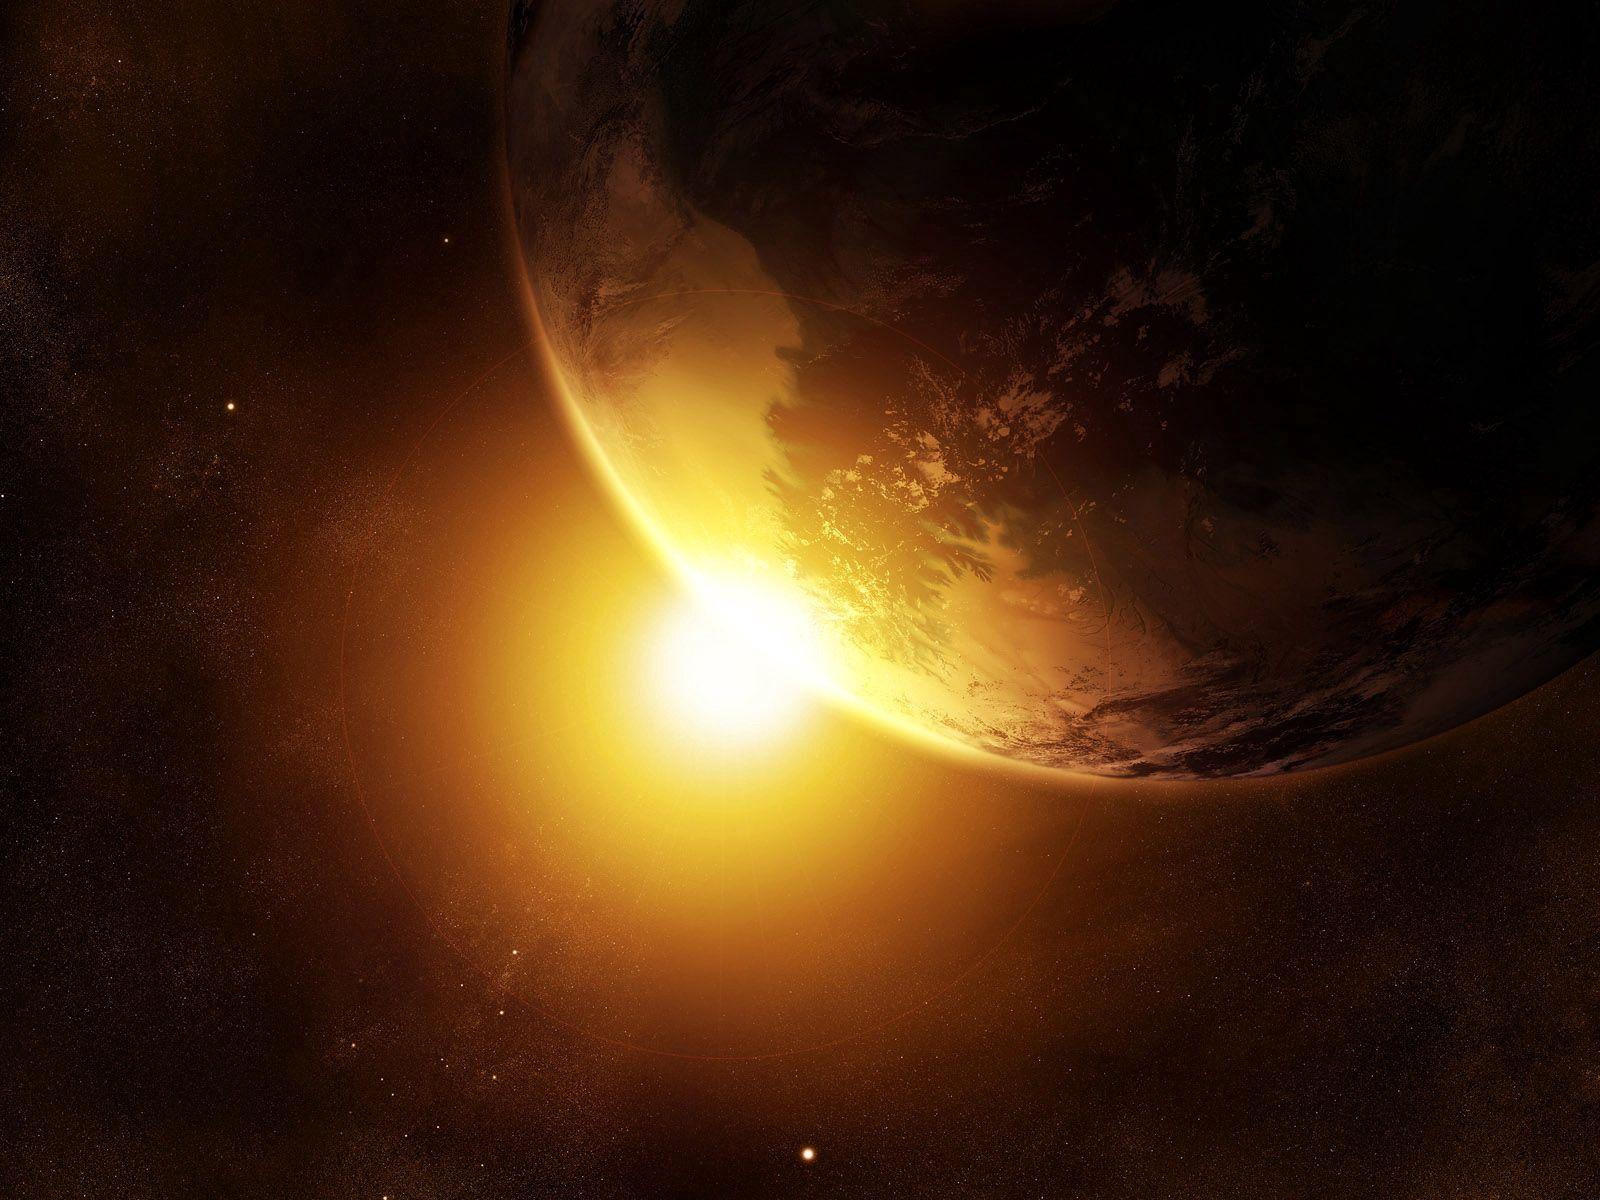 75272 скачать обои Абстракция, Планета, Свет, Яркий, Фон - заставки и картинки бесплатно